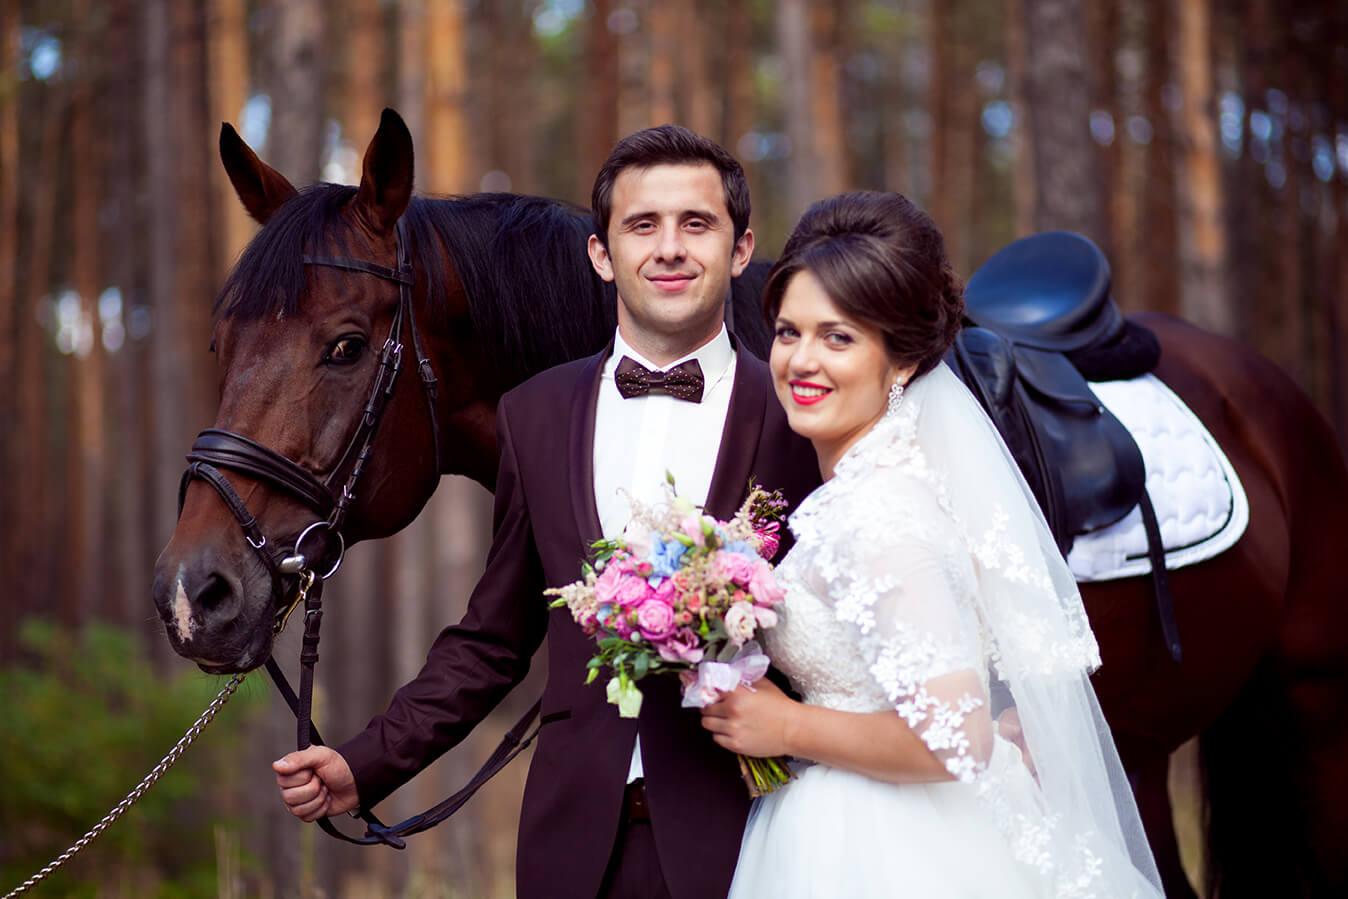 7-konnaja-fotosessija-kiev-semejnyj-detskij-svadebnyj-fotograf-1